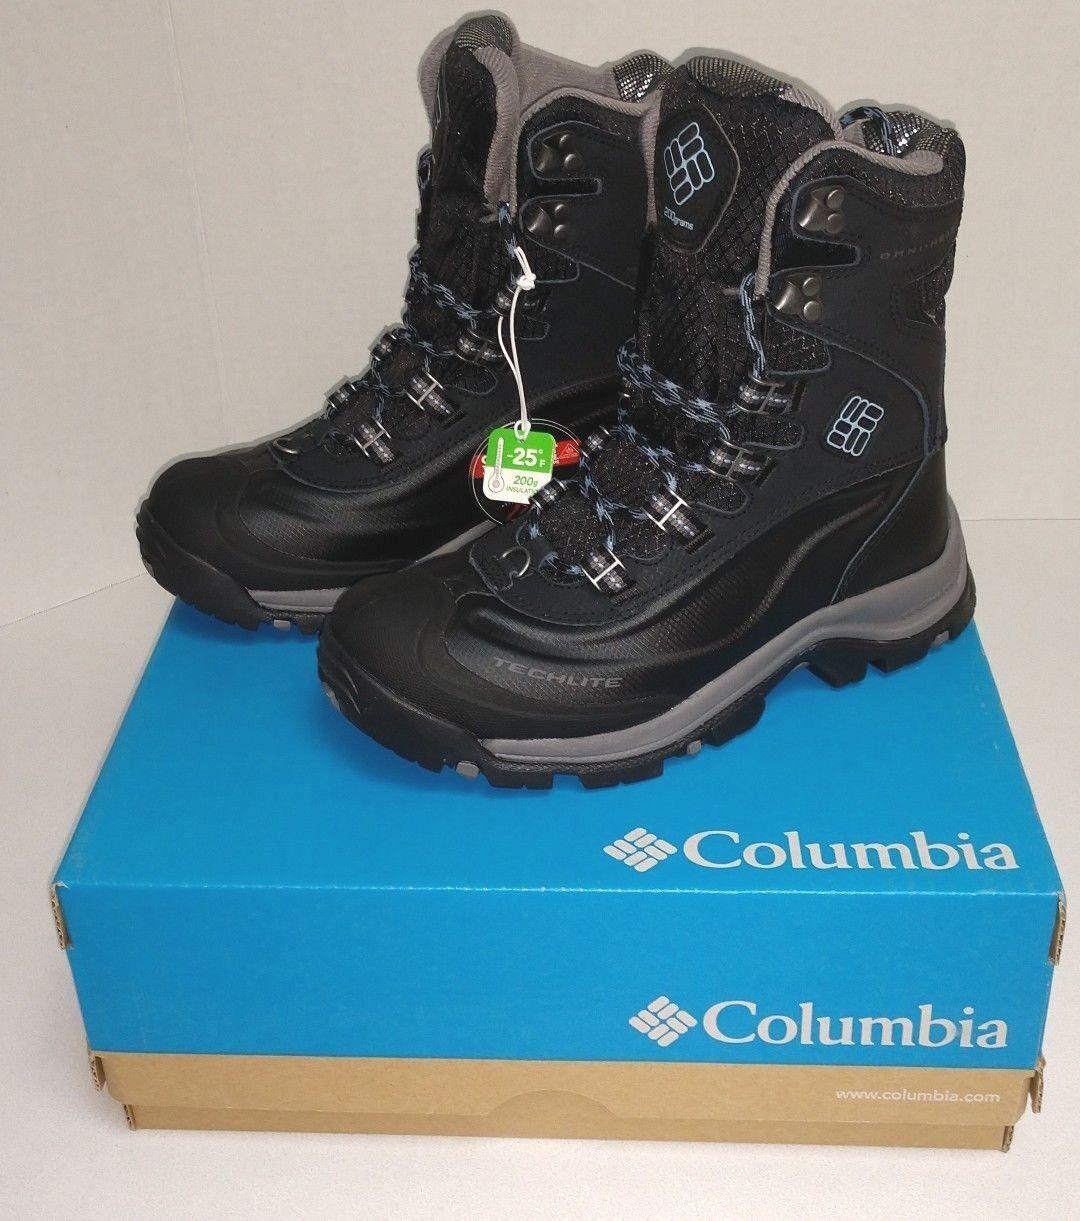 Columbia Bugaboot Plus III Omni Heat Women's Boot Size 6 - New In Box